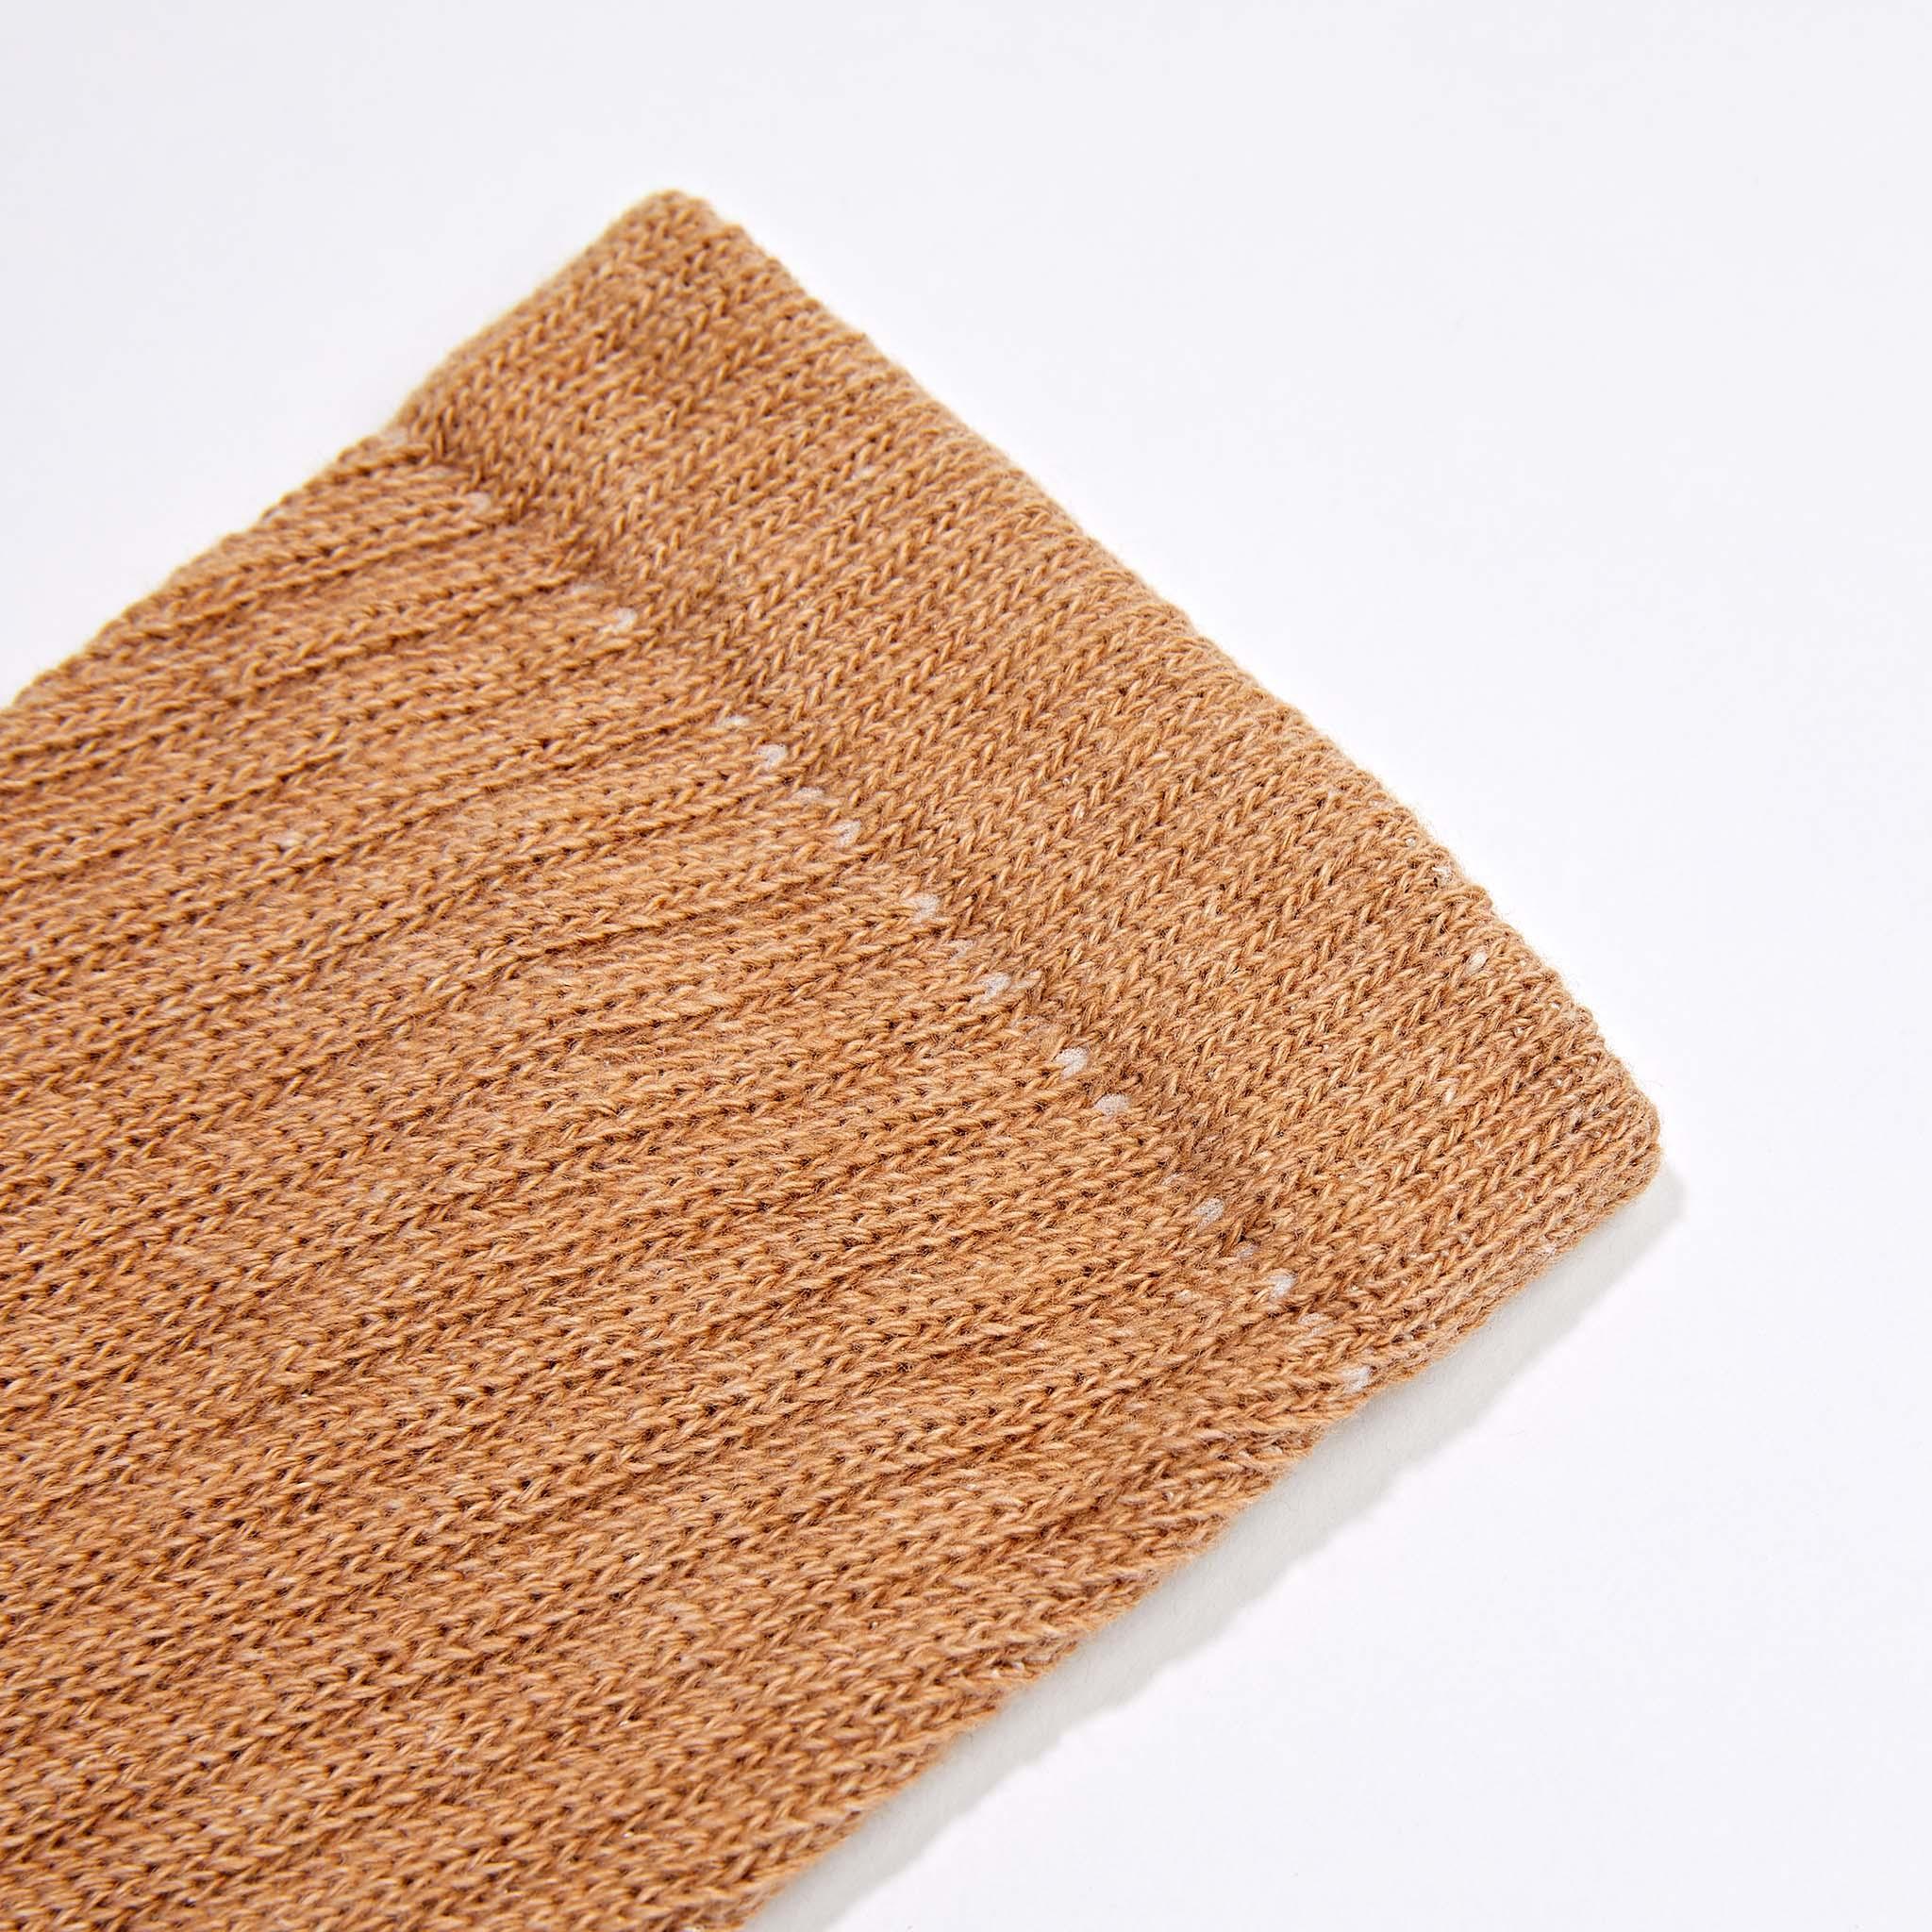 harvest-mill-organic-colorgrown-brown-crew-sock-4.jpg